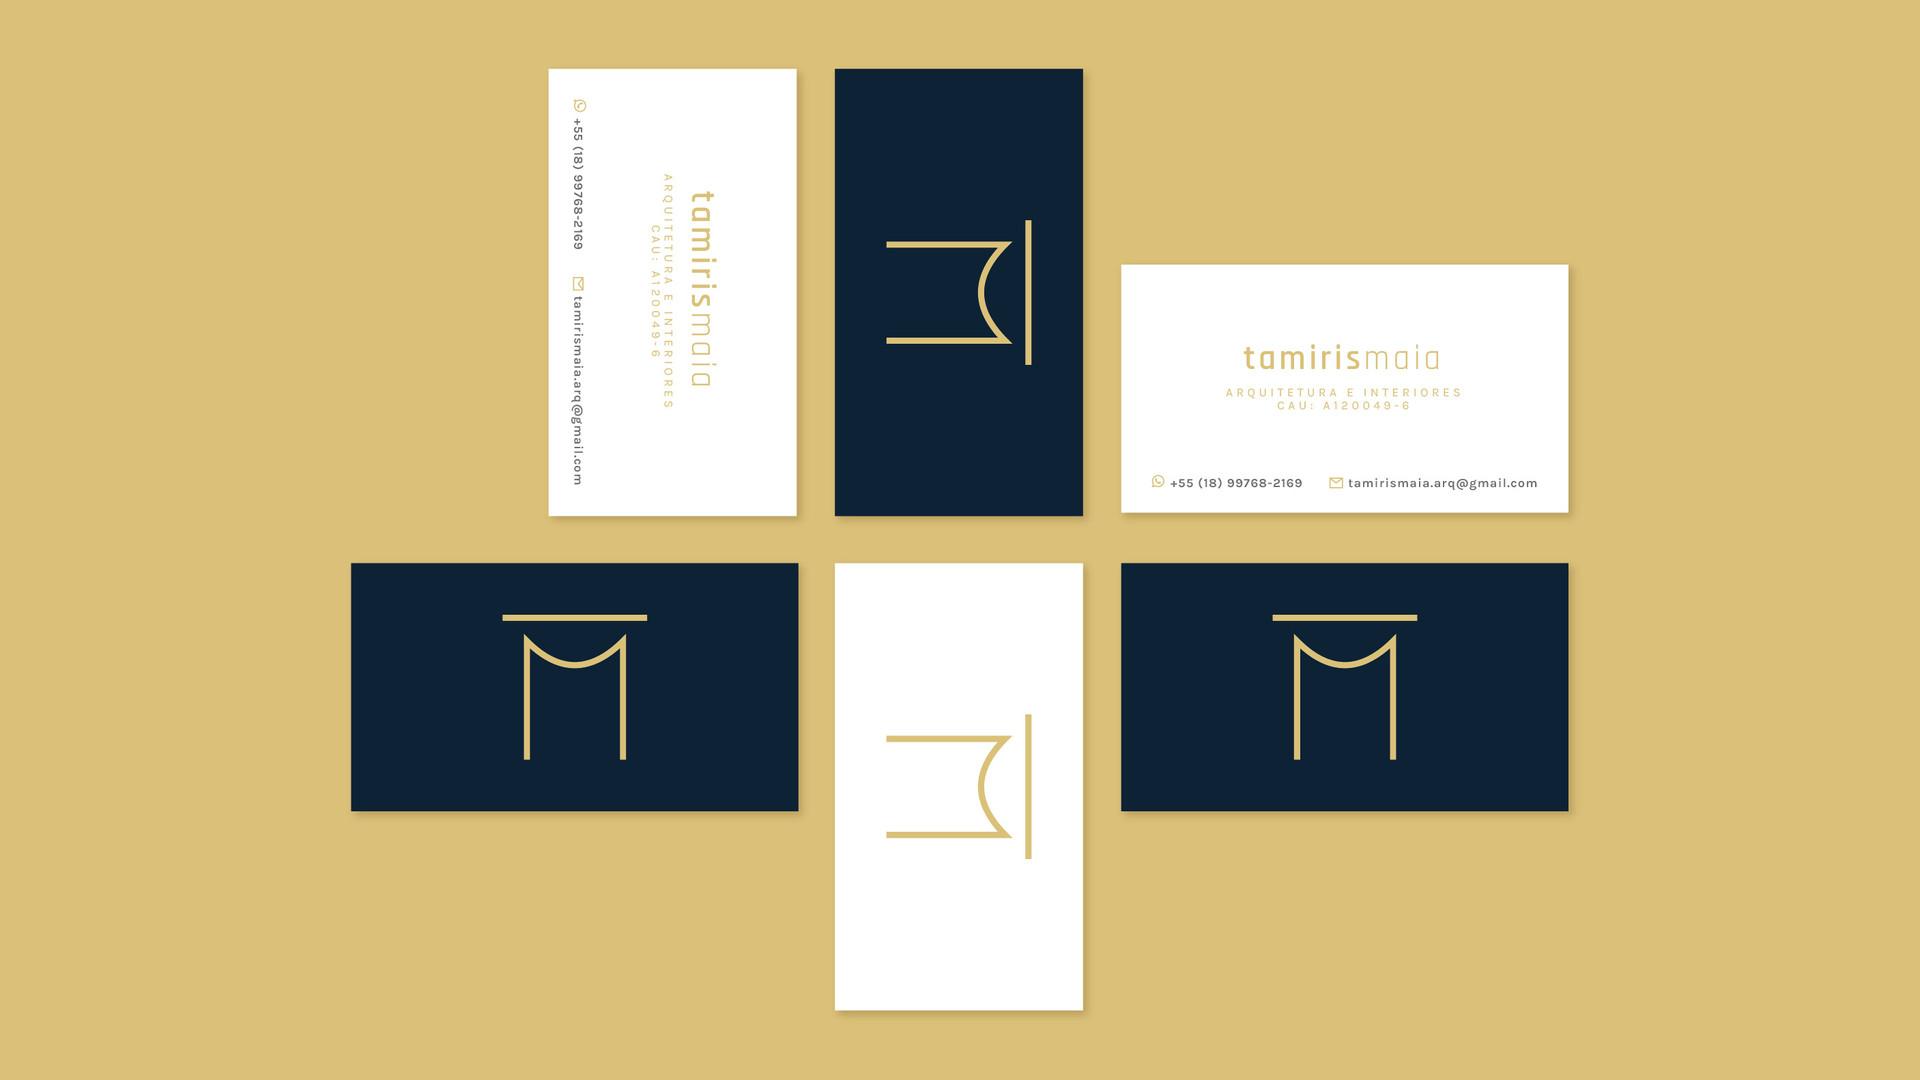 Tamiris_Maia_Arquitetura_-_Cartão_de_Vi